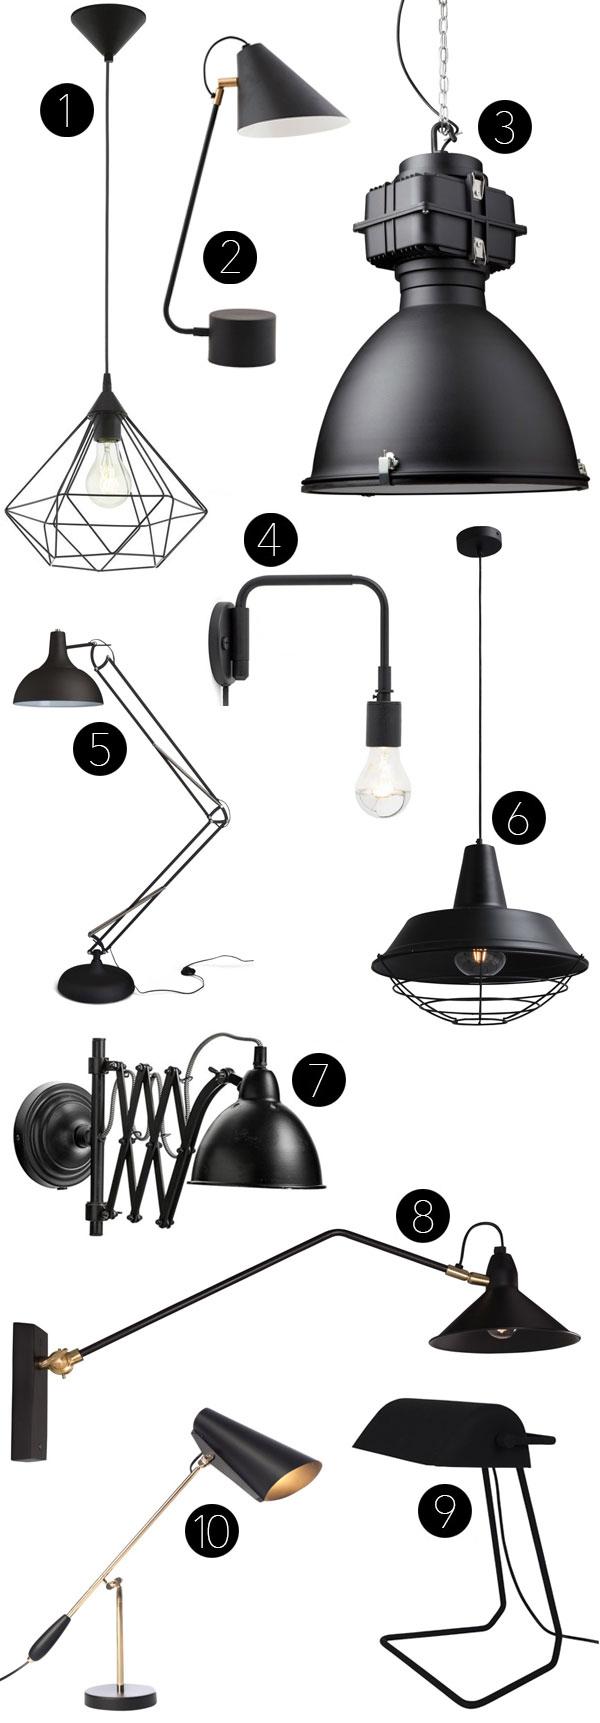 Verlichting-zwart-interieur-lamp-mat-zwart-industrieel-retro-verlichting